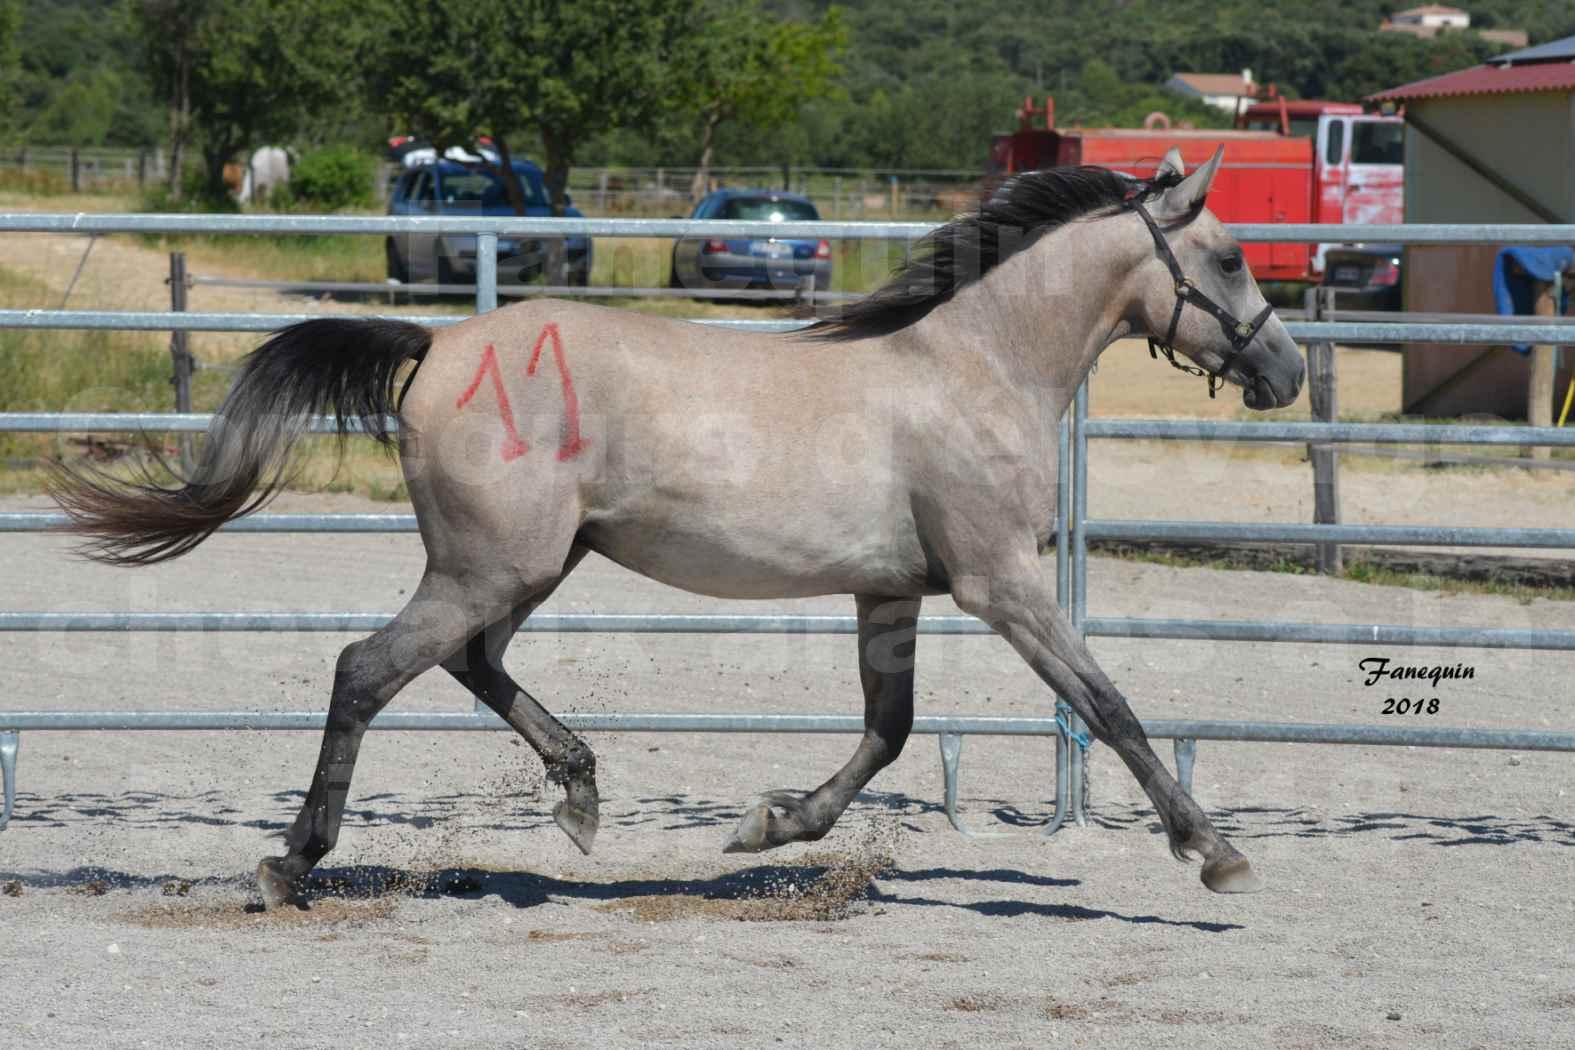 Concours d'Elevage de chevaux Arabes  le 27 juin 2018 à la BOISSIERE - GAZRAK D'AURIERES - 02